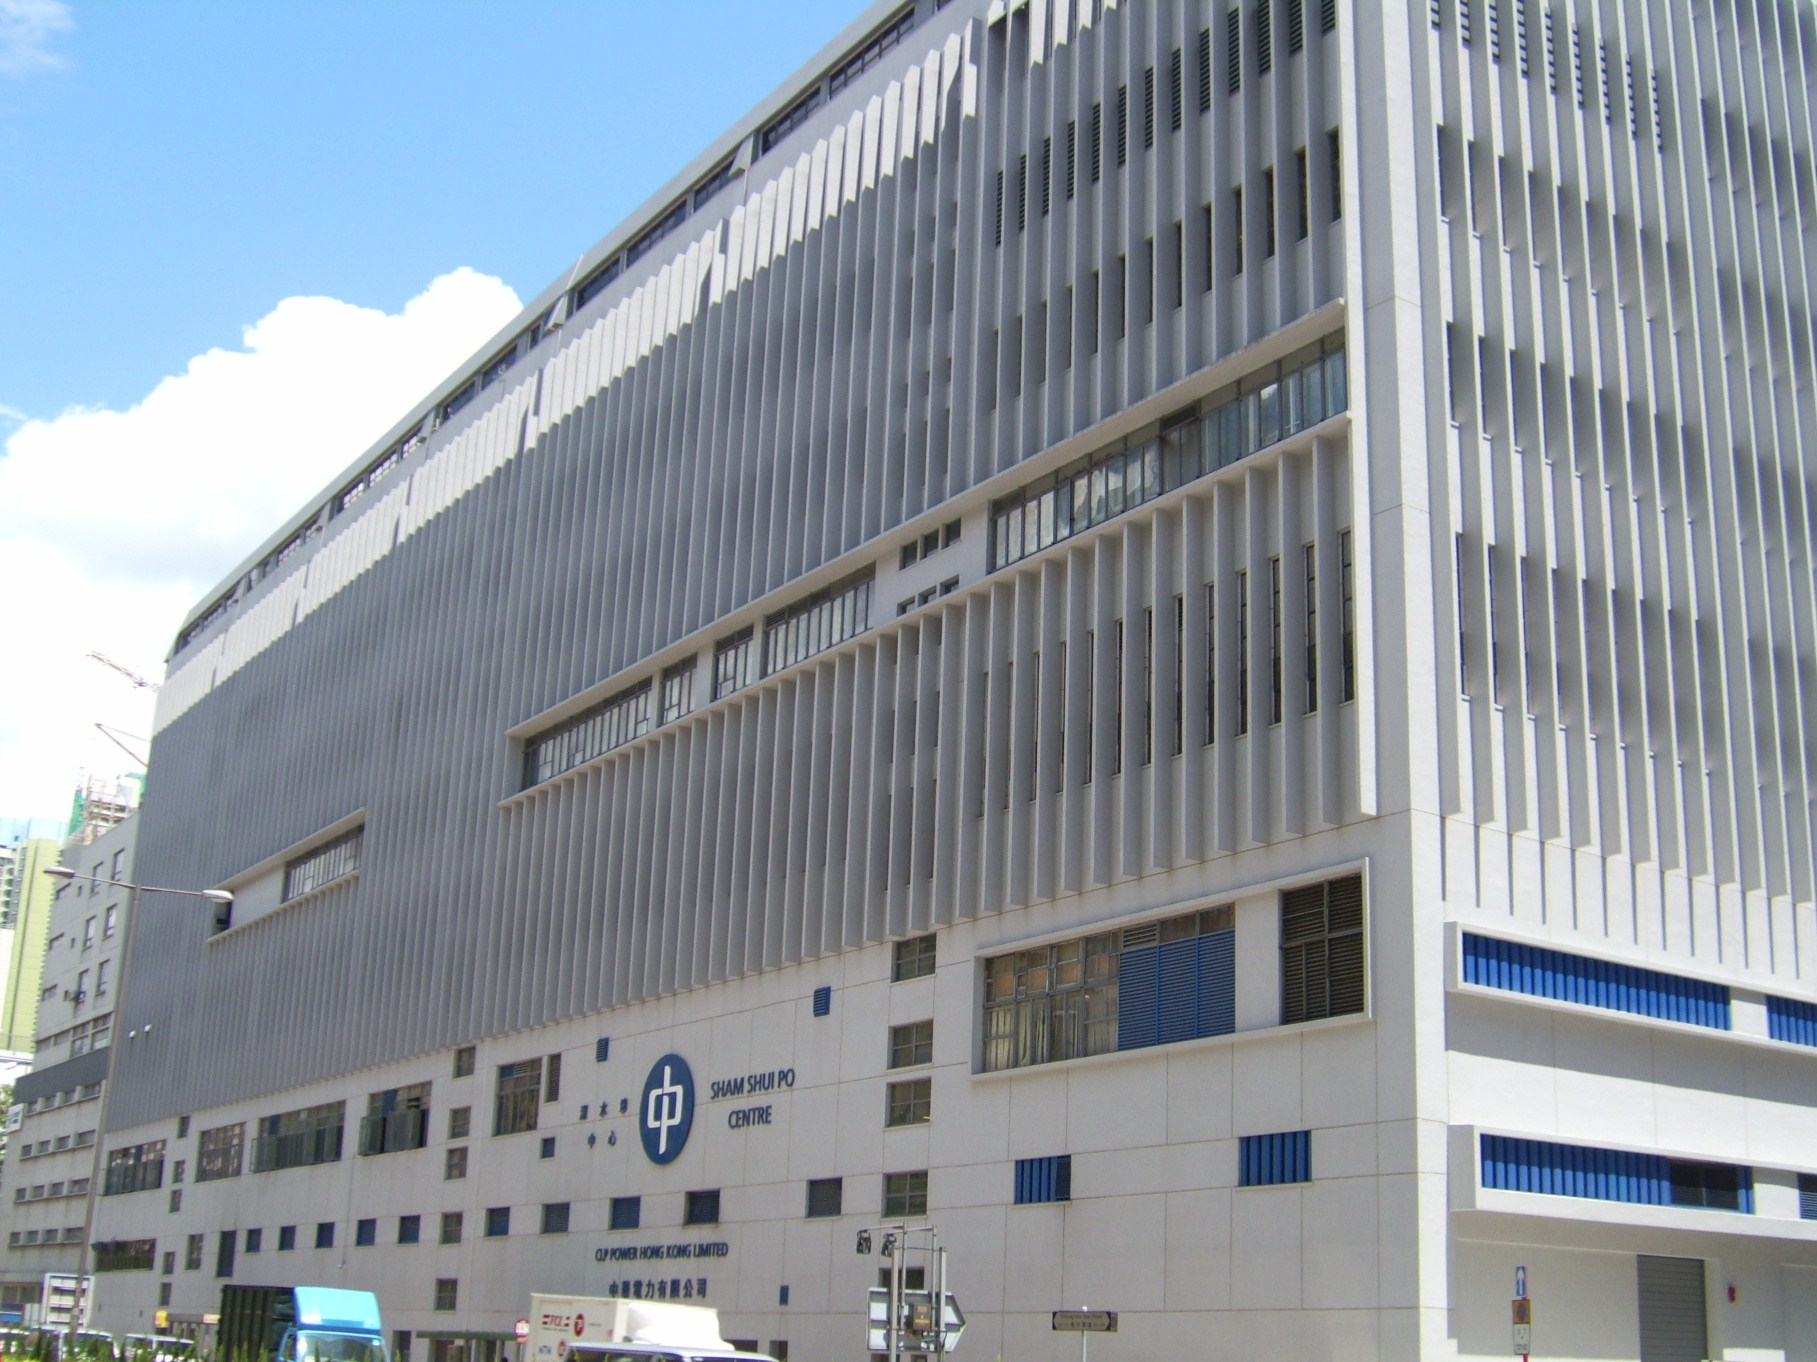 Shum Shui Po CLP Power Centre